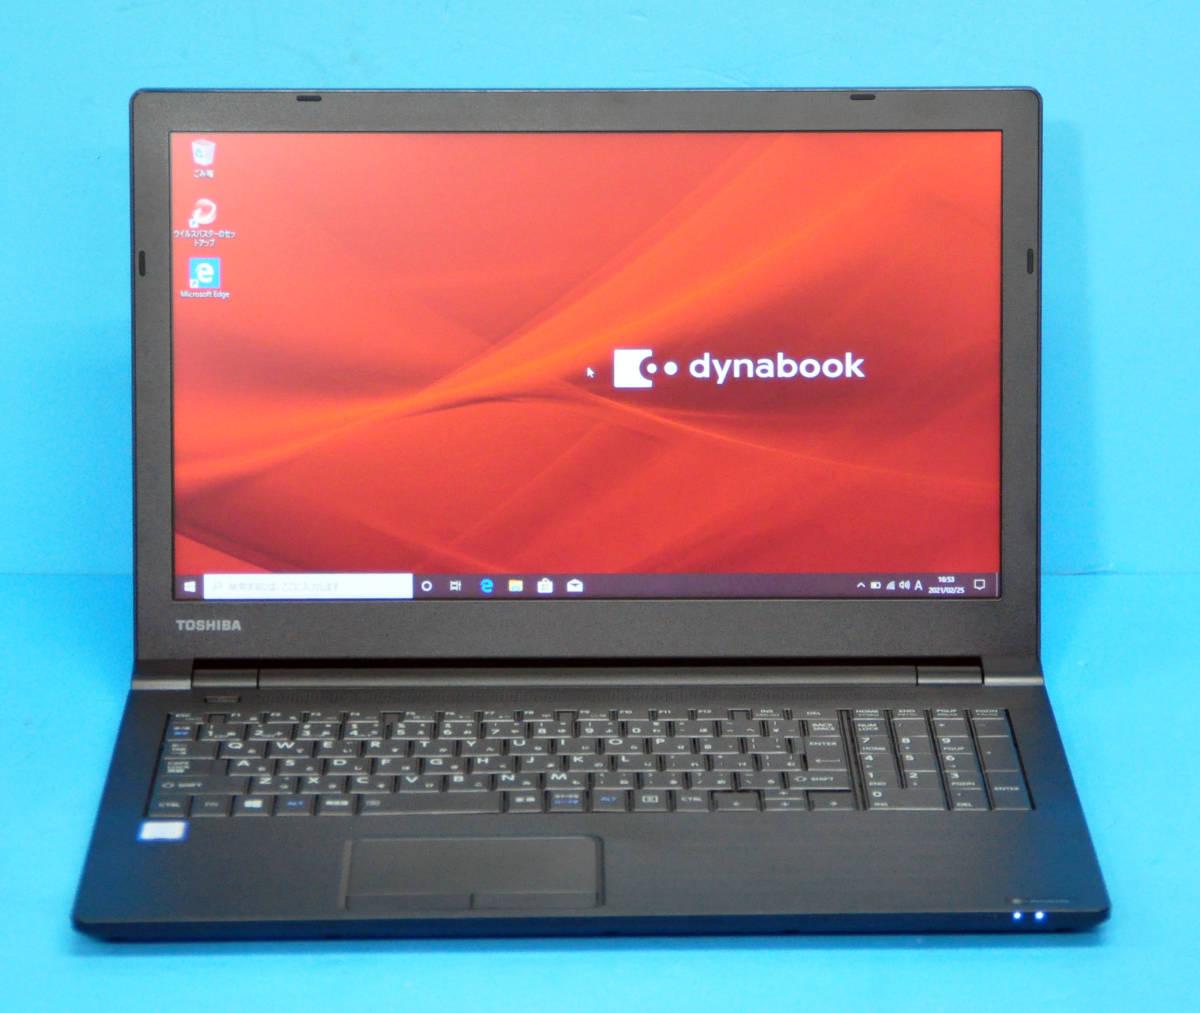 ★ 超美品 2019年7月発表モデル dynabook B65/DN ★ 第8世代 Core i5-8250U/ メモリ8GB/ 新SSD:256GB/ Wlan/ テンキー/ Office2019/ Win10_画像8